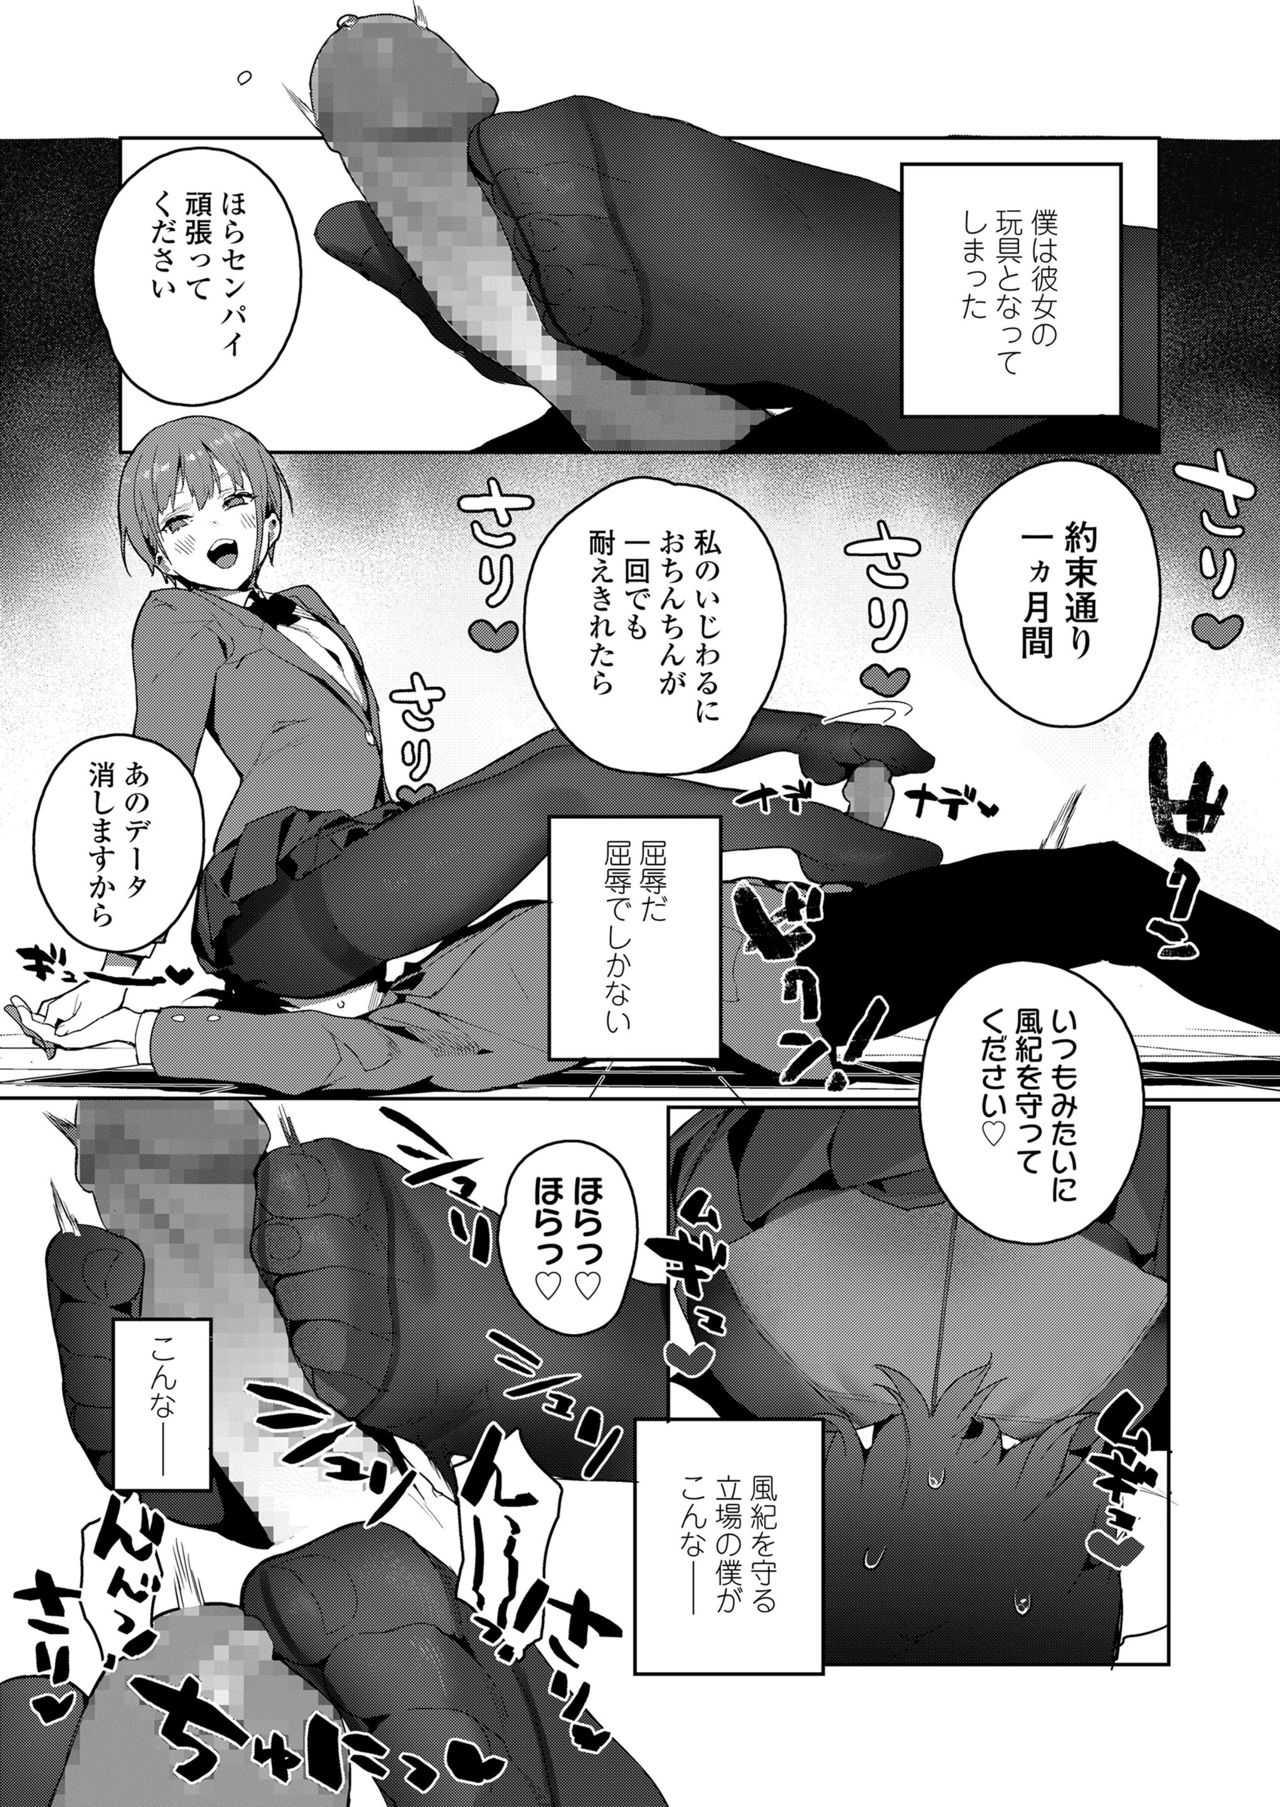 【エロ漫画】真面目に見せかけて実は小悪魔な貧乳JK…無邪気な笑顔で足コキ責めし少年を弄ぶwww【じゃが山たらヲ:悪魔が僕を】